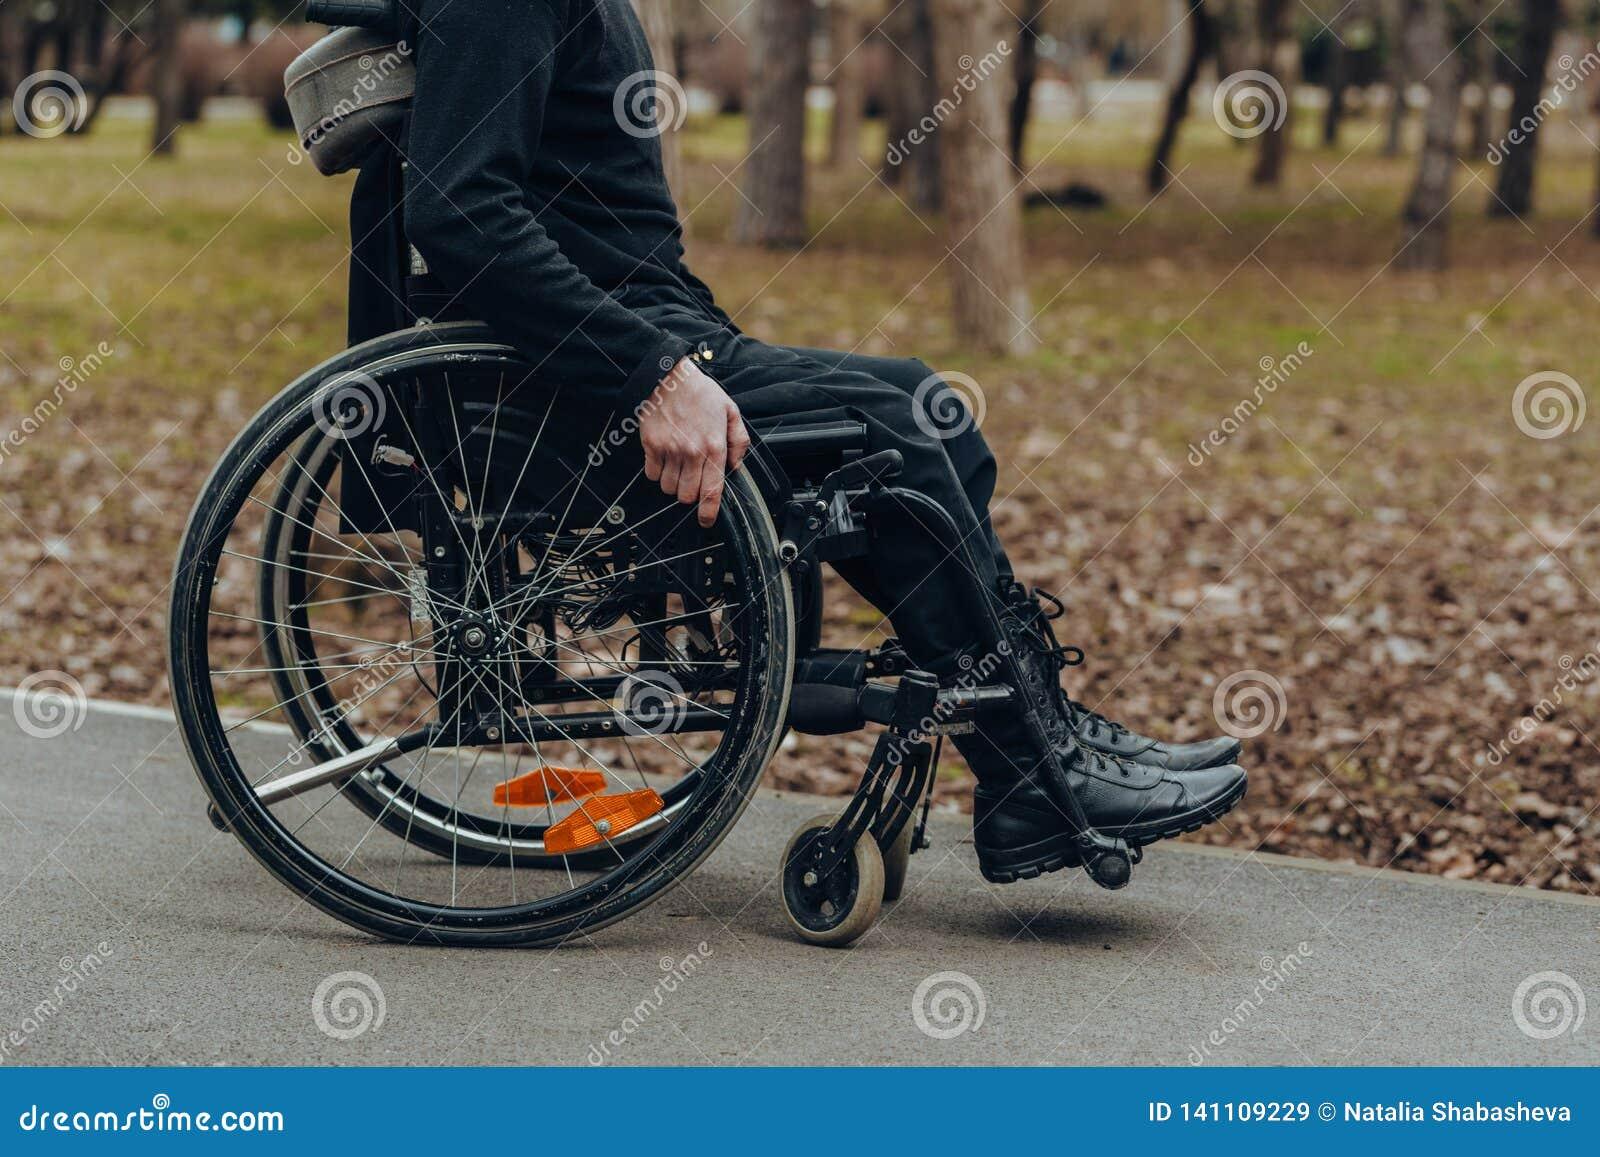 Κινηματογράφηση σε πρώτο πλάνο του αρσενικού χεριού στη ρόδα της αναπηρικής καρέκλας κατά τη διάρκεια του περιπάτου στο πάρκο